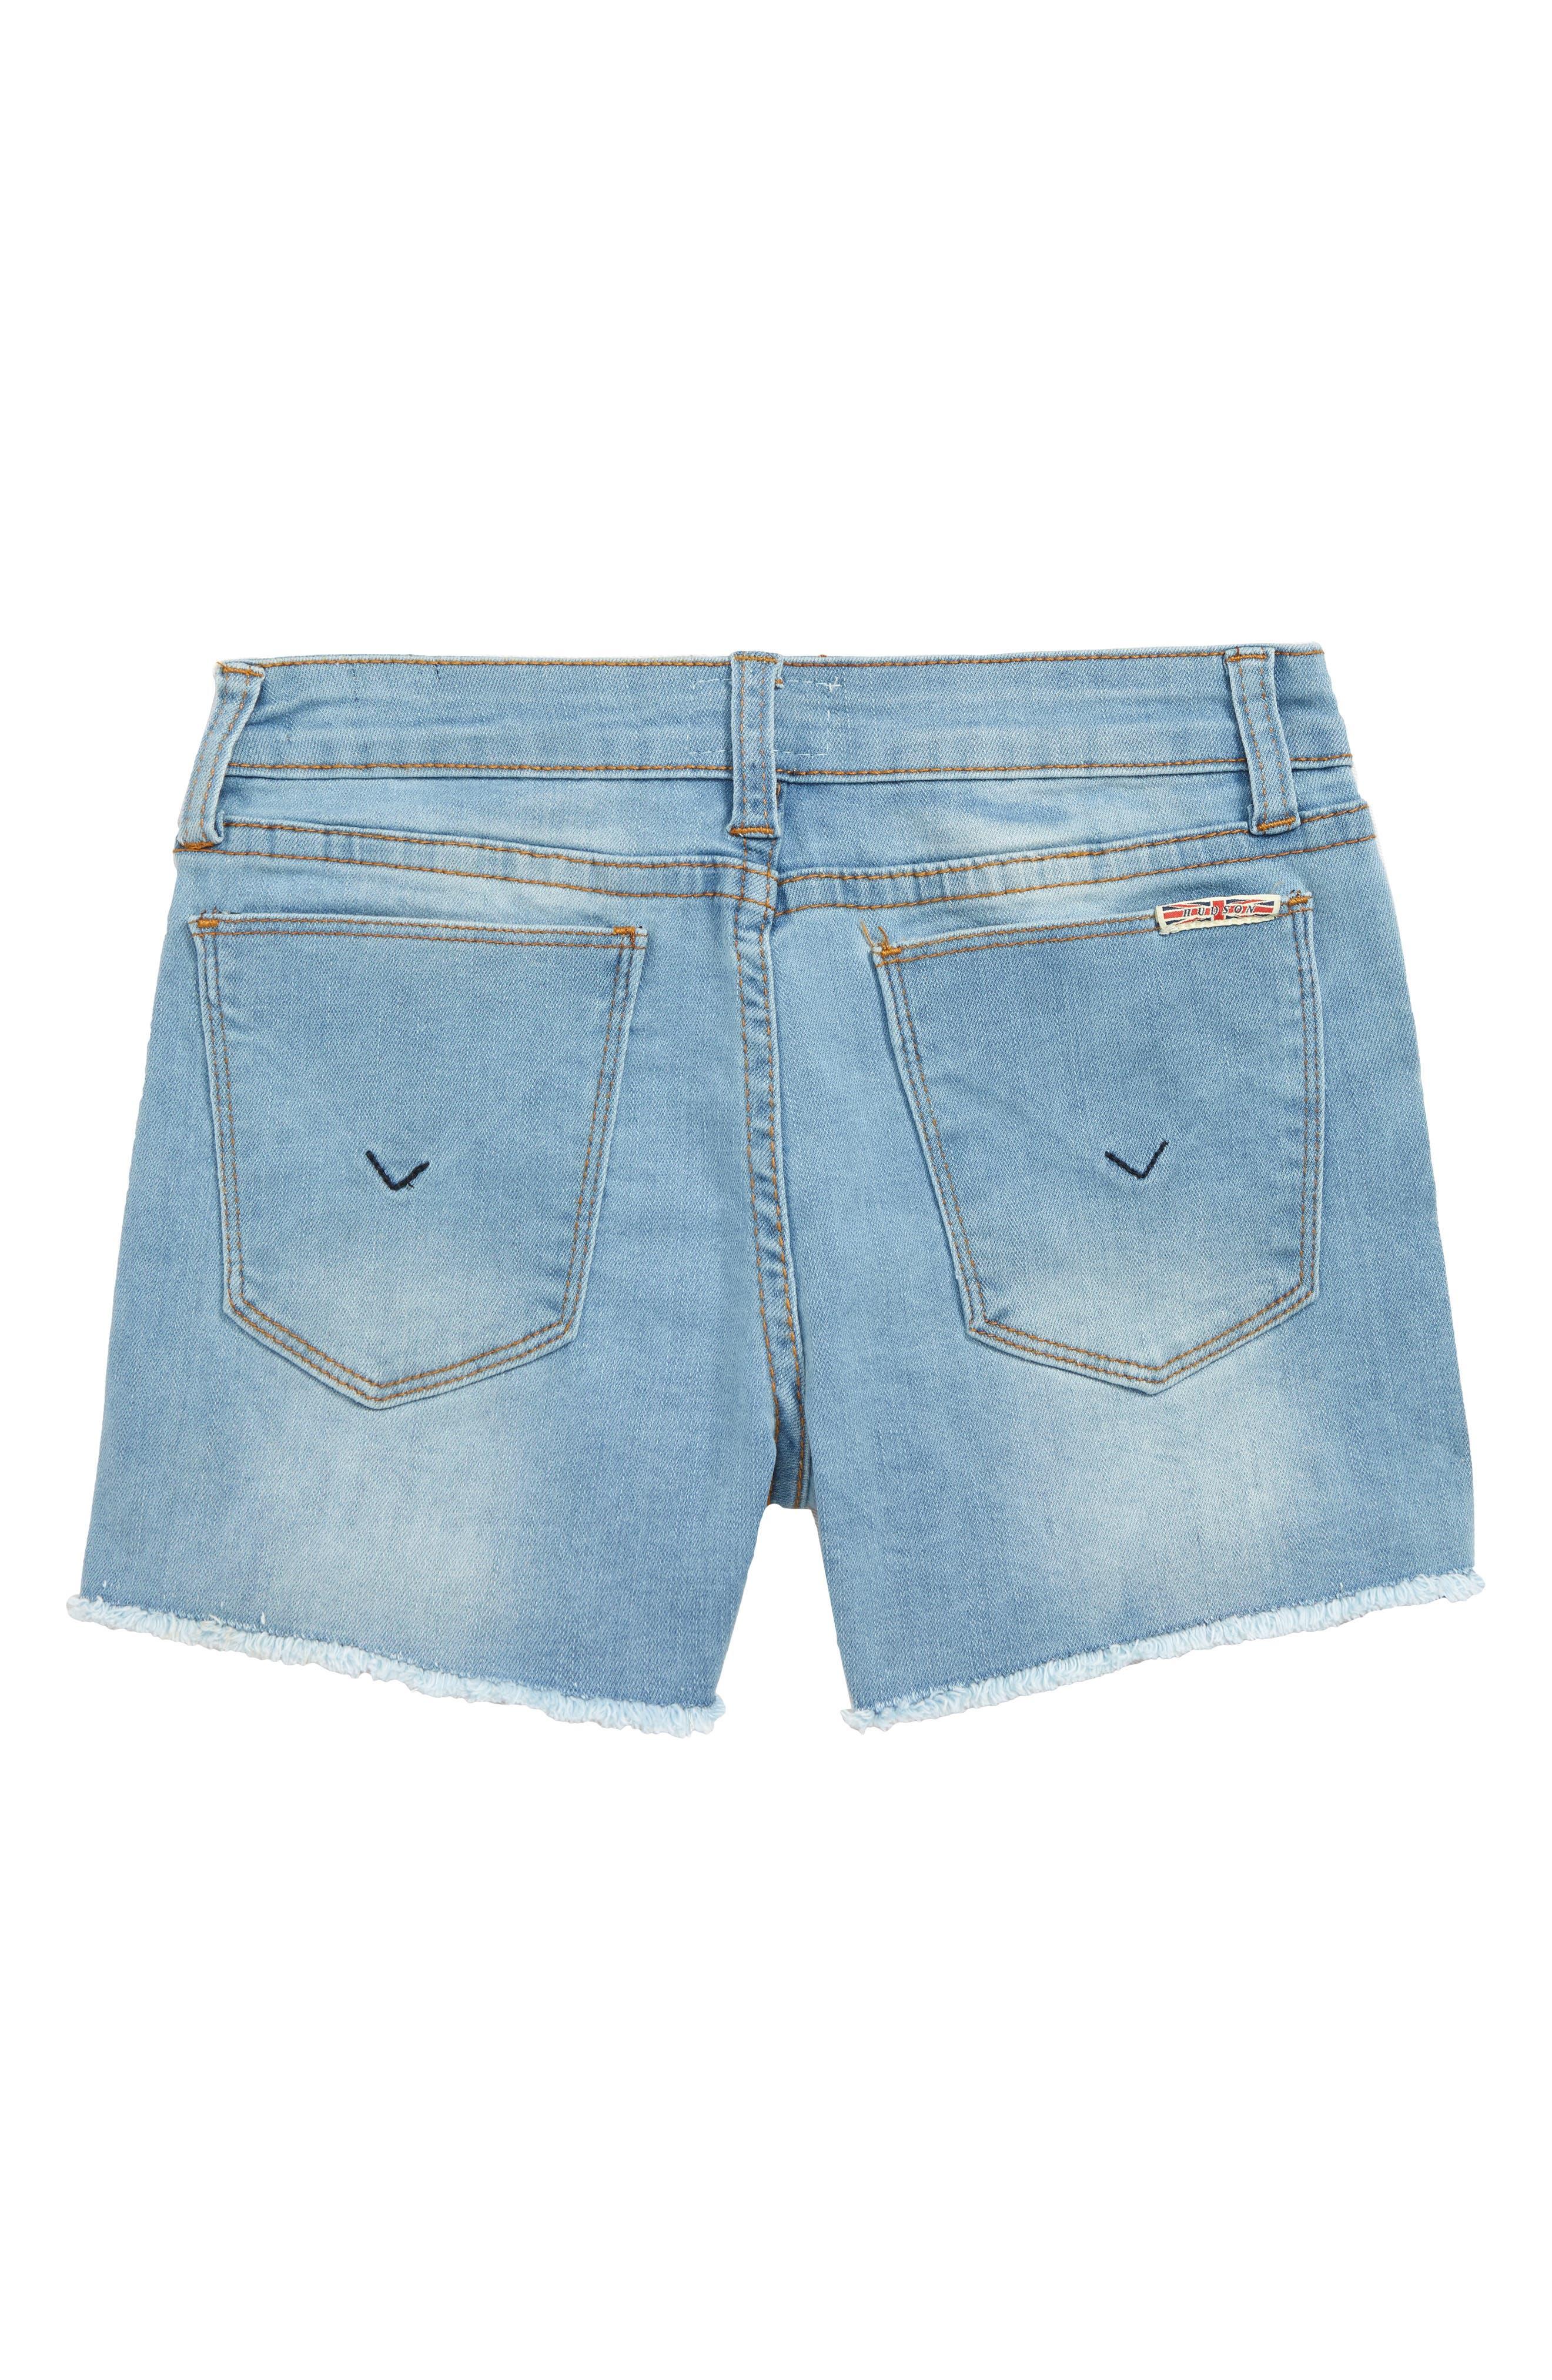 Frayed Shorts,                             Alternate thumbnail 2, color,                             SUNWASHED